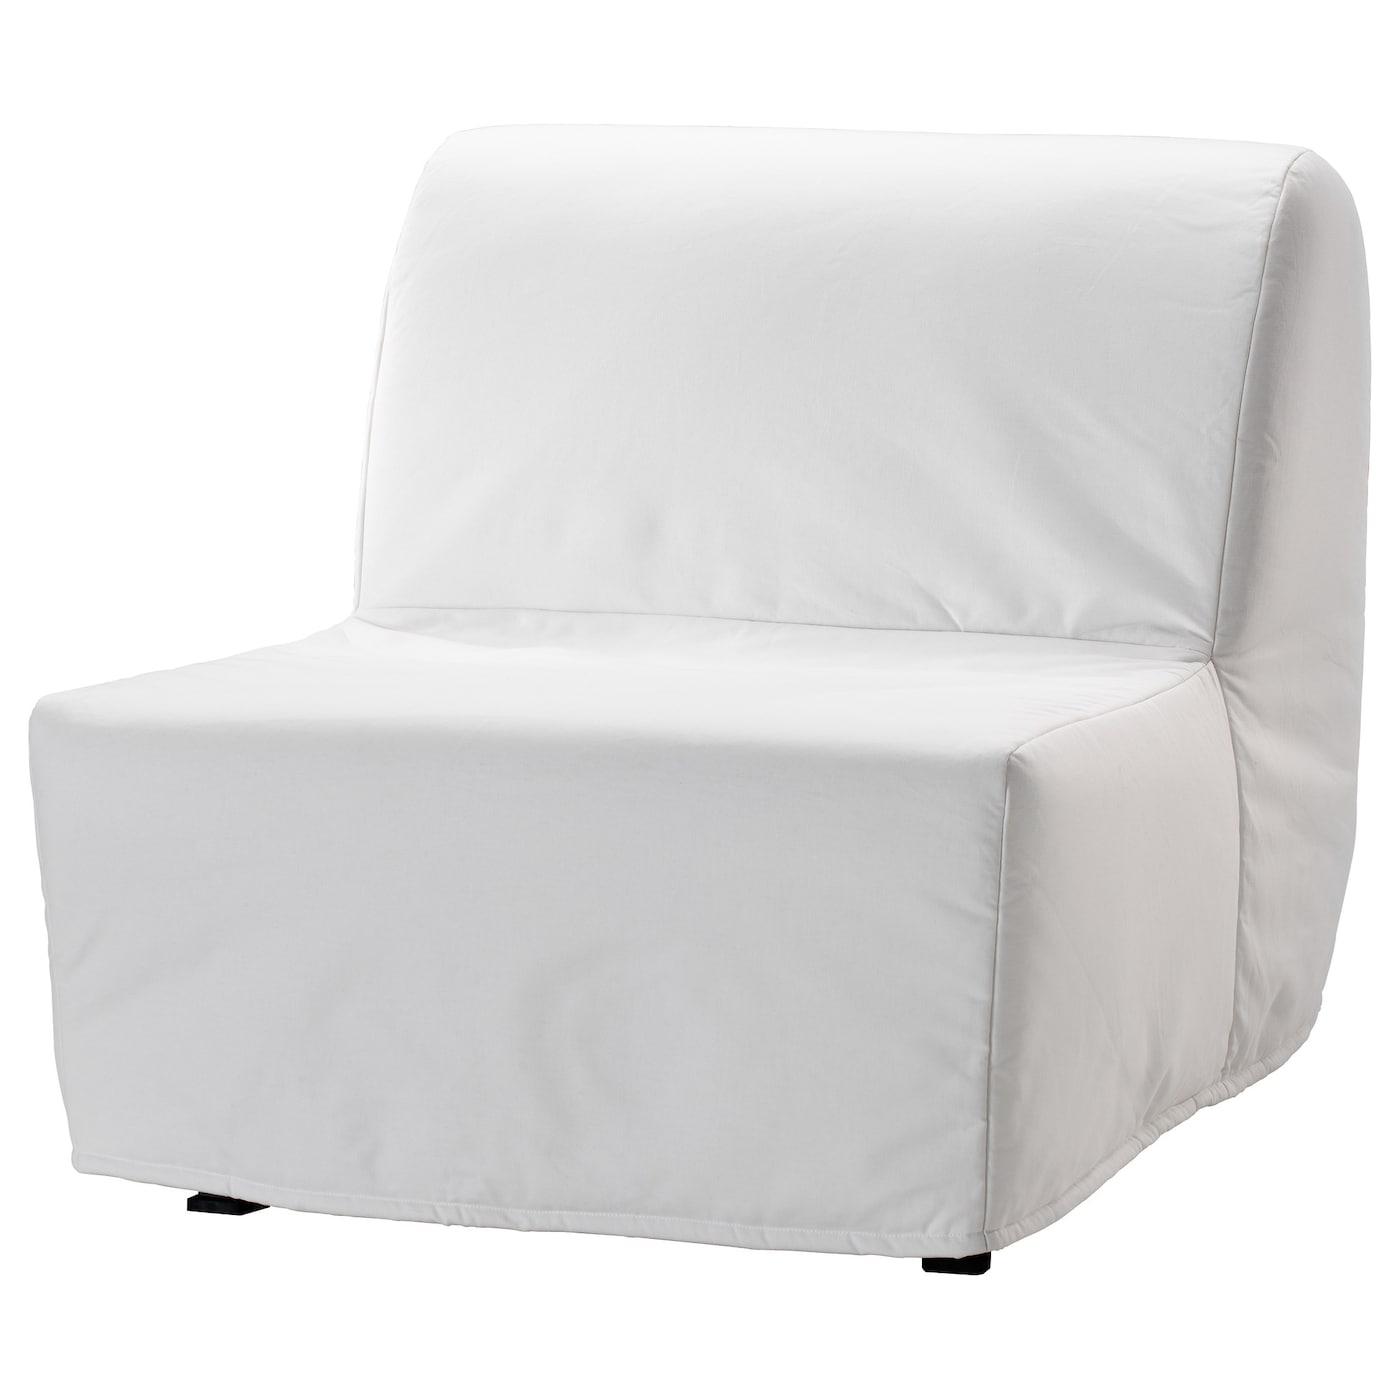 Lycksele Housse Chauffeuse Convertible Ransta Blanc Ikea